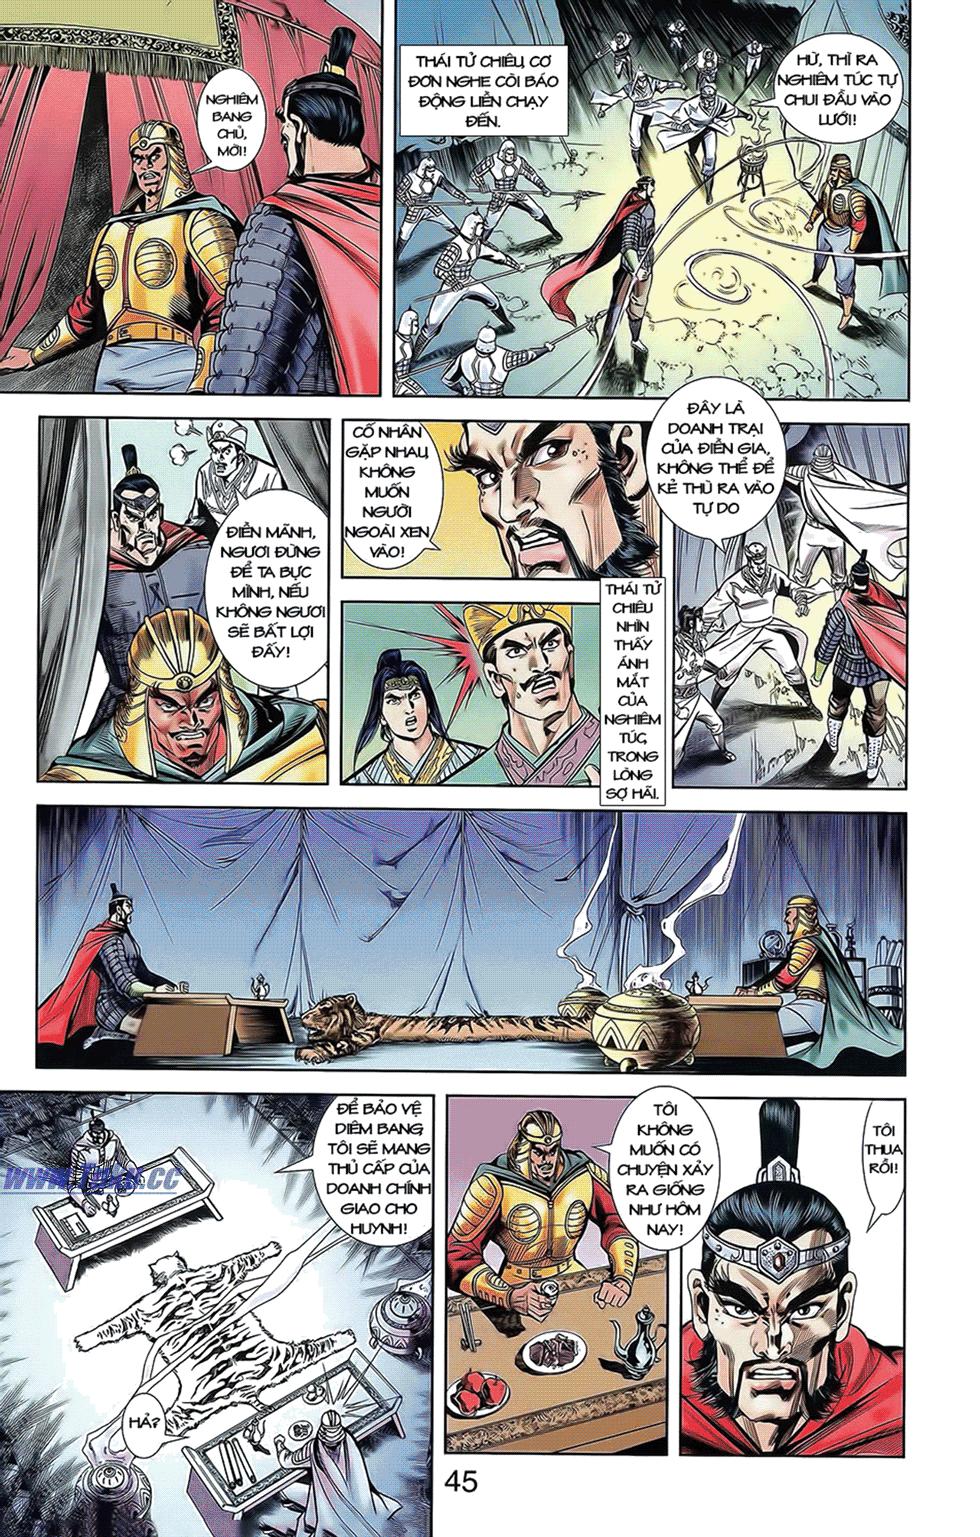 Tần Vương Doanh Chính chapter 10 trang 17